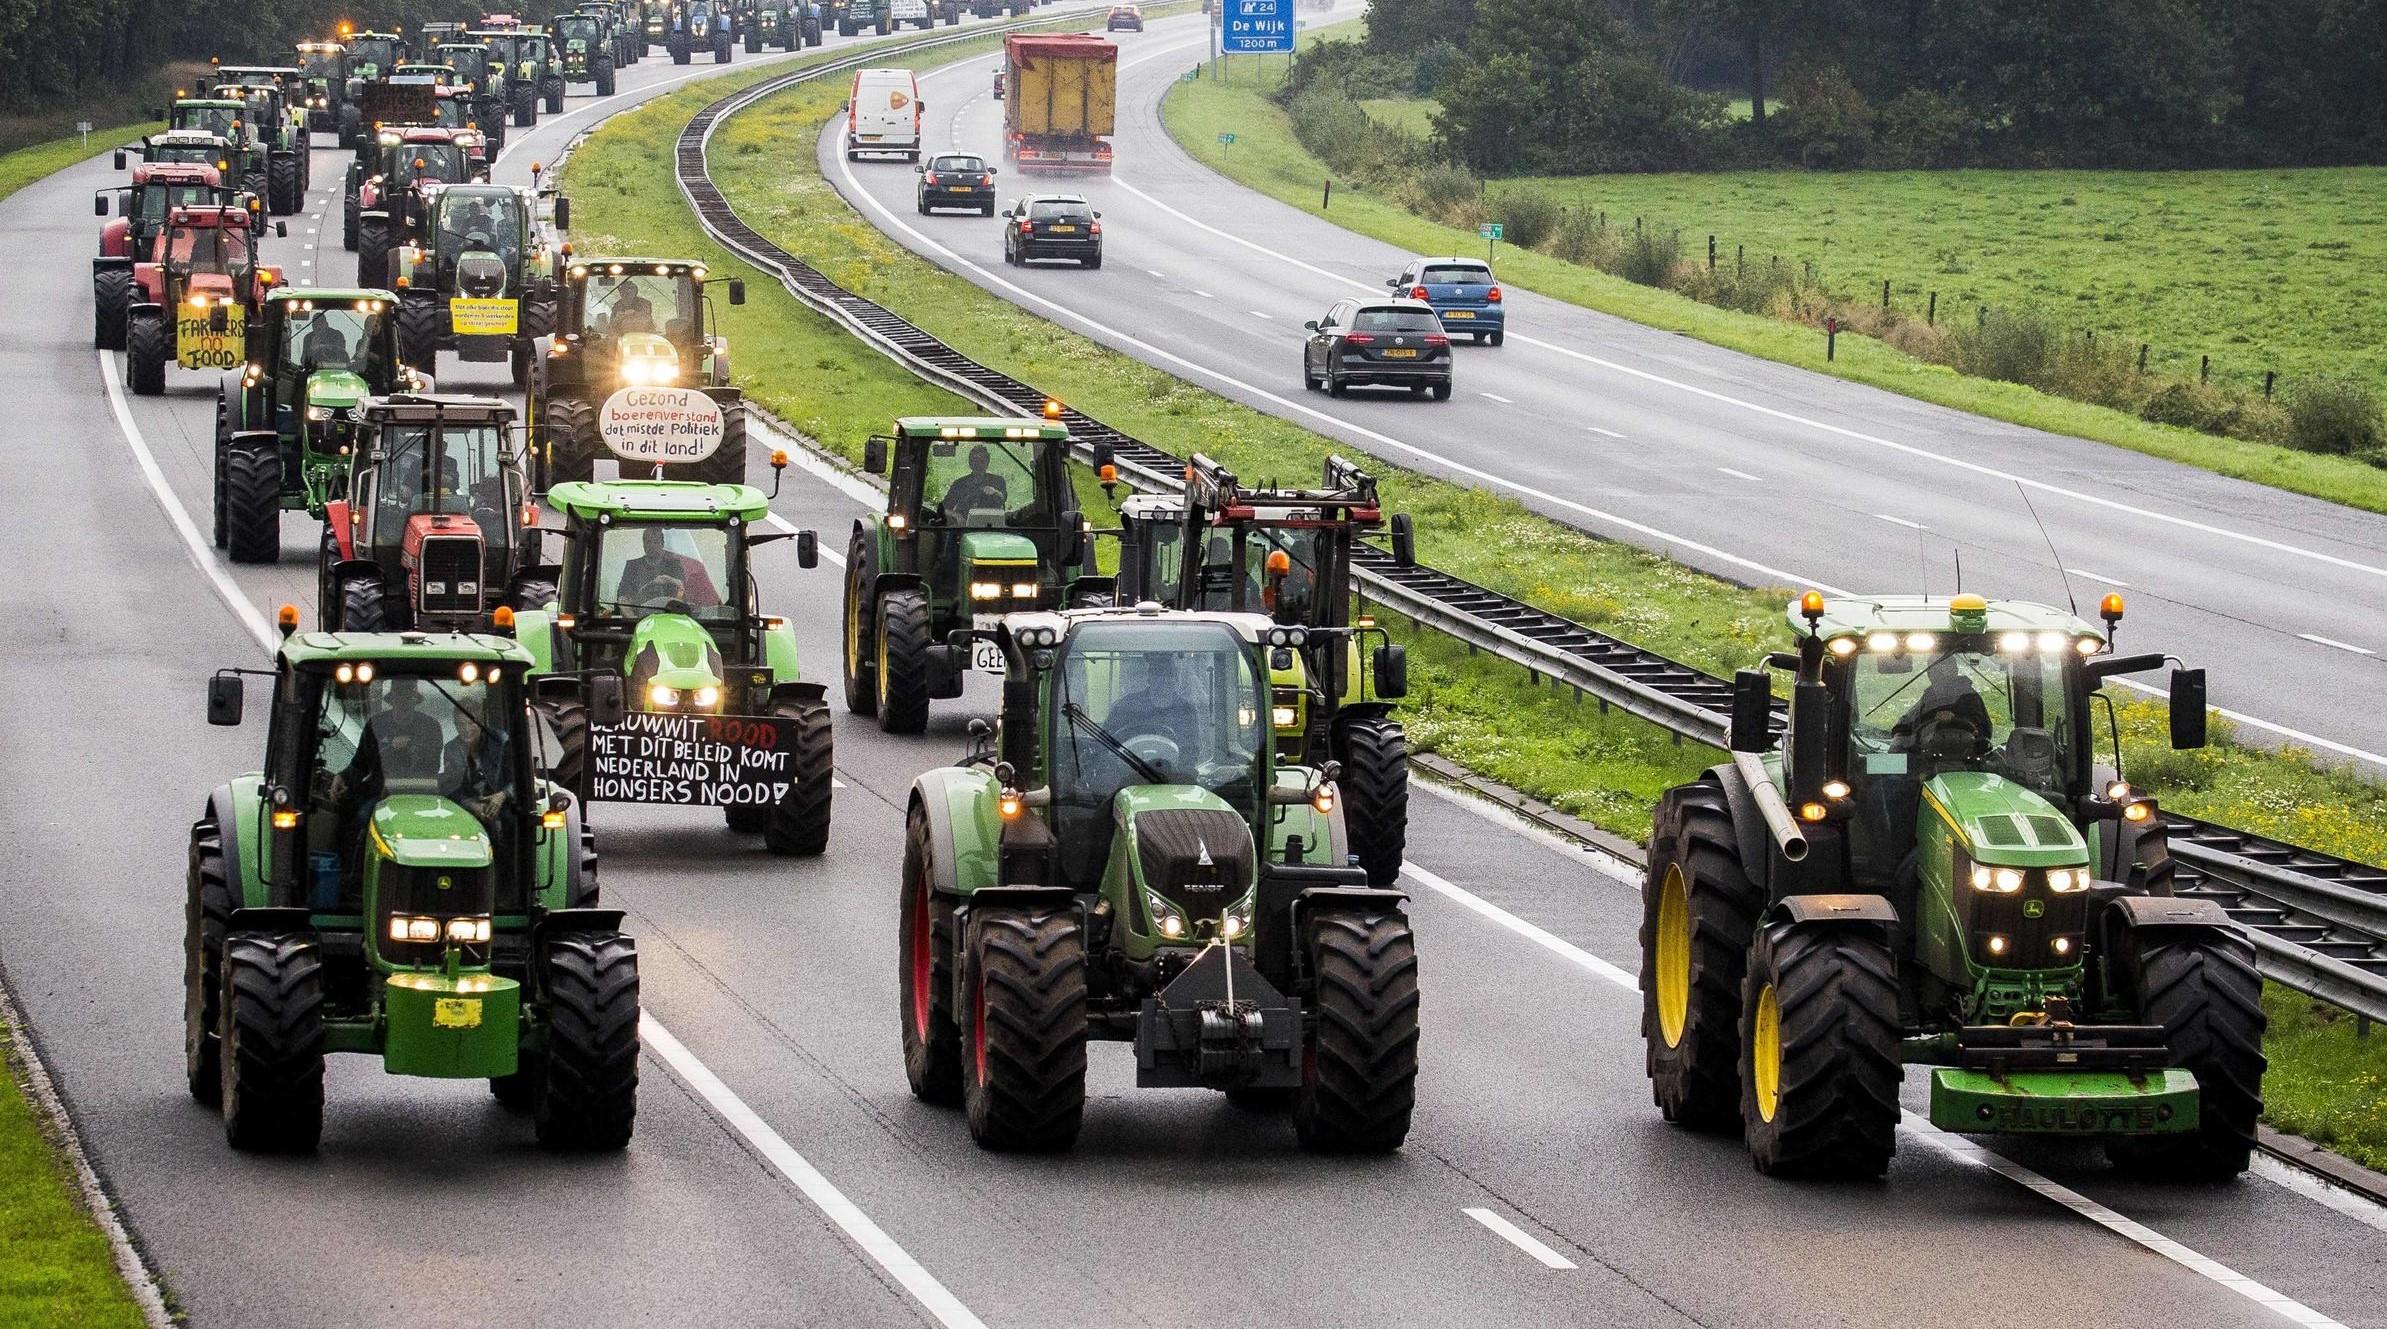 Farmer Defence Force blijft overeenkomsten zien met Jodenvervolging